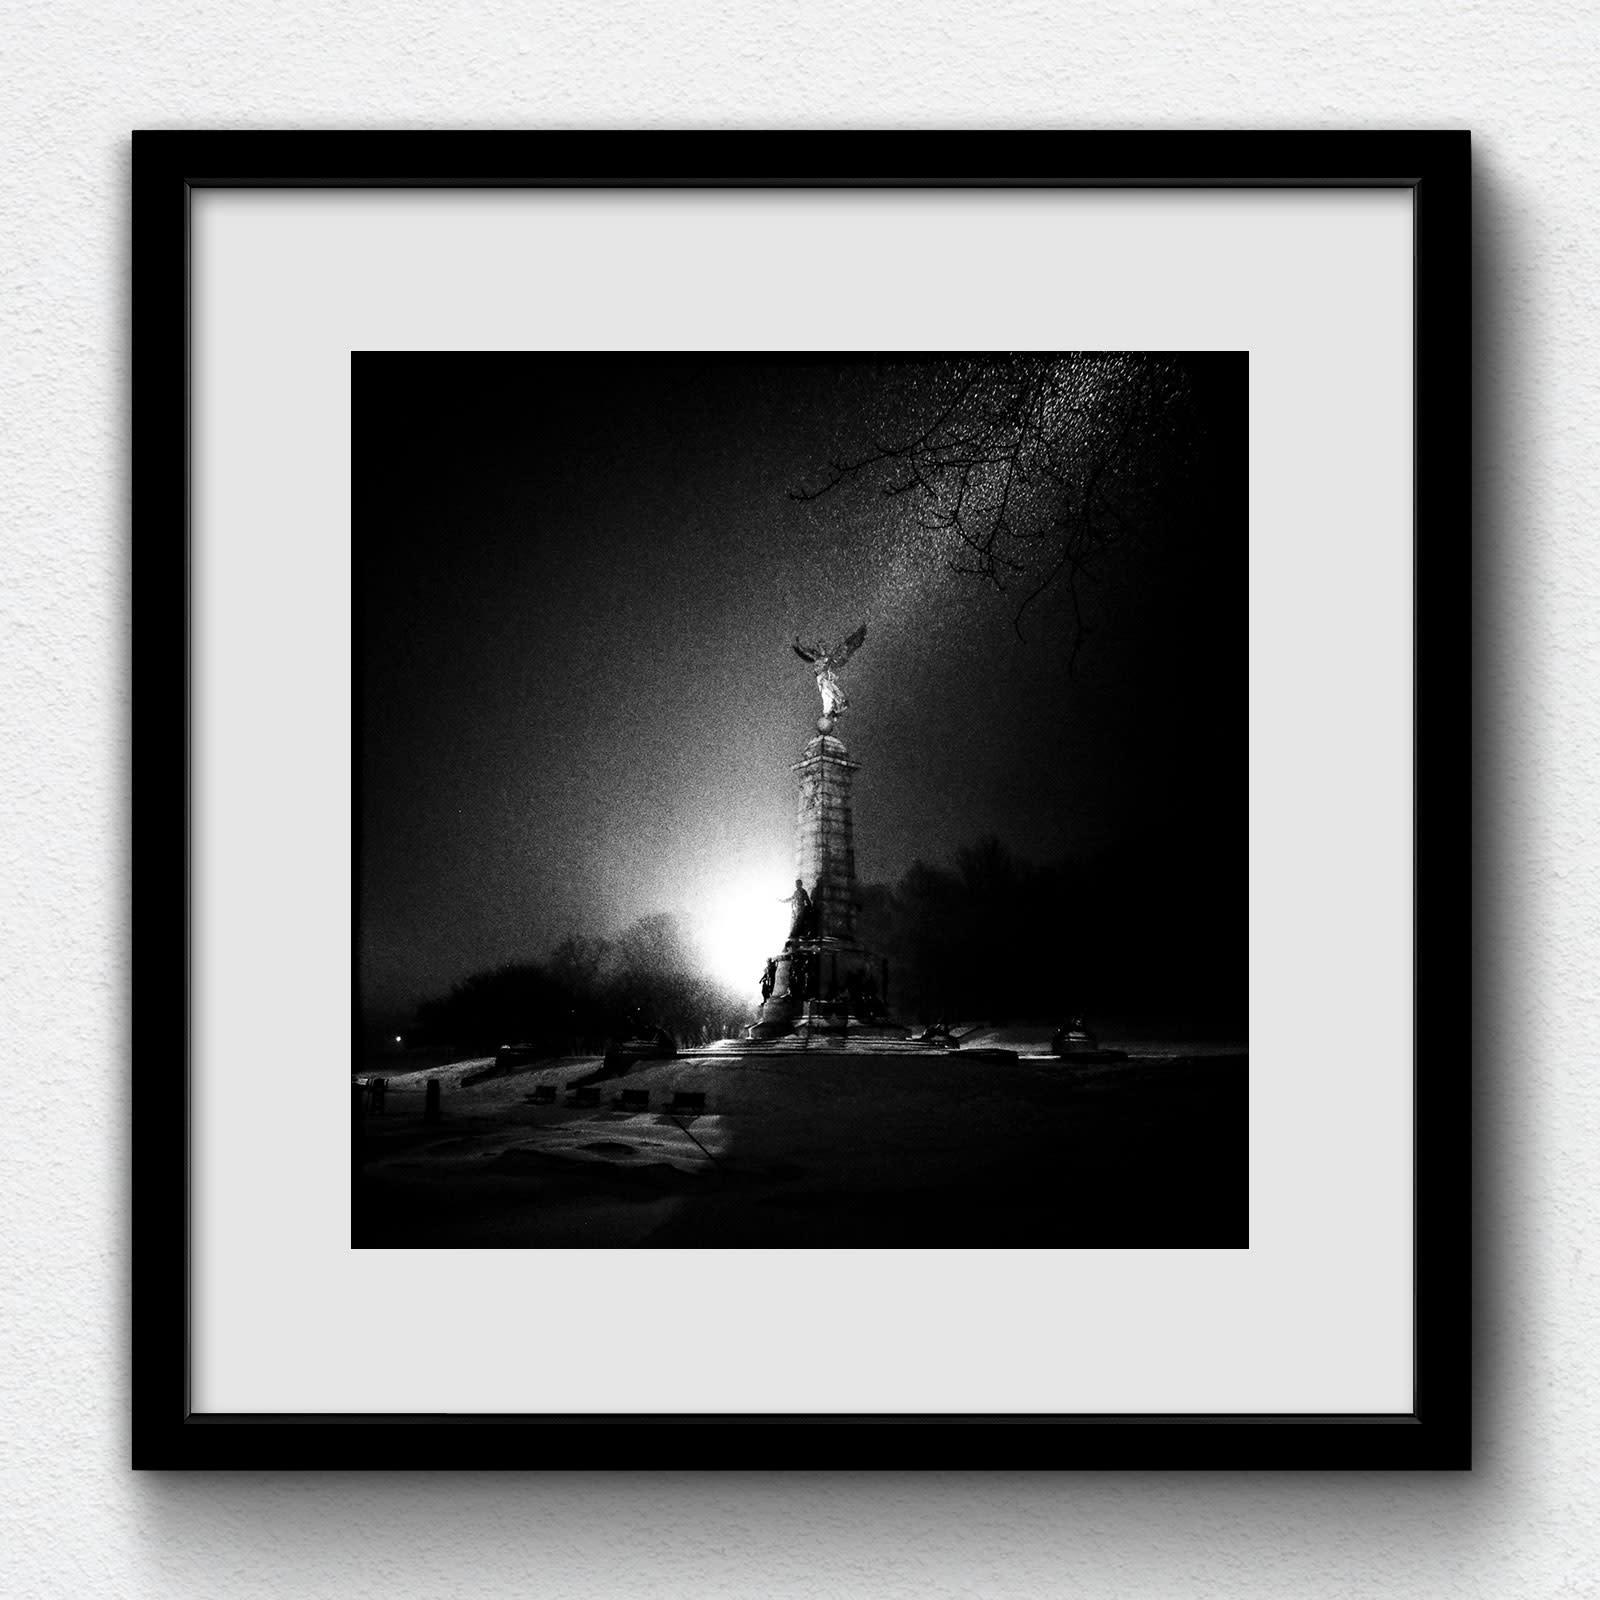 180113 gr017000 frame on white rdeyqg